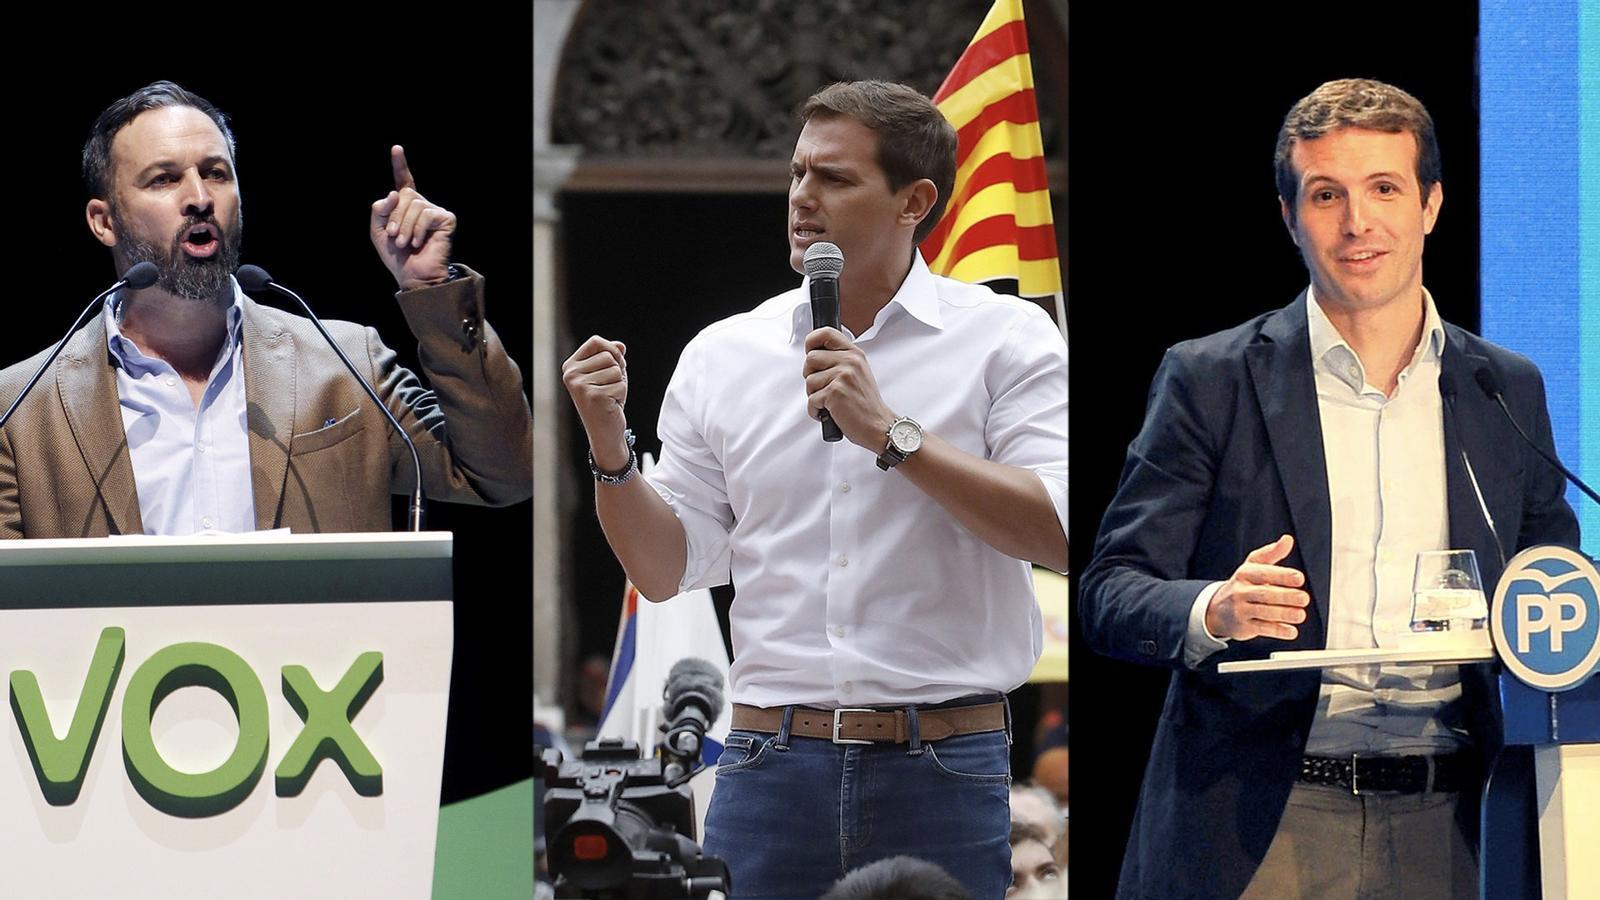 L'anàlisi d'Antoni Bassas: 'Vox: contra Catalunya, contra el progrés, contra la convivència'